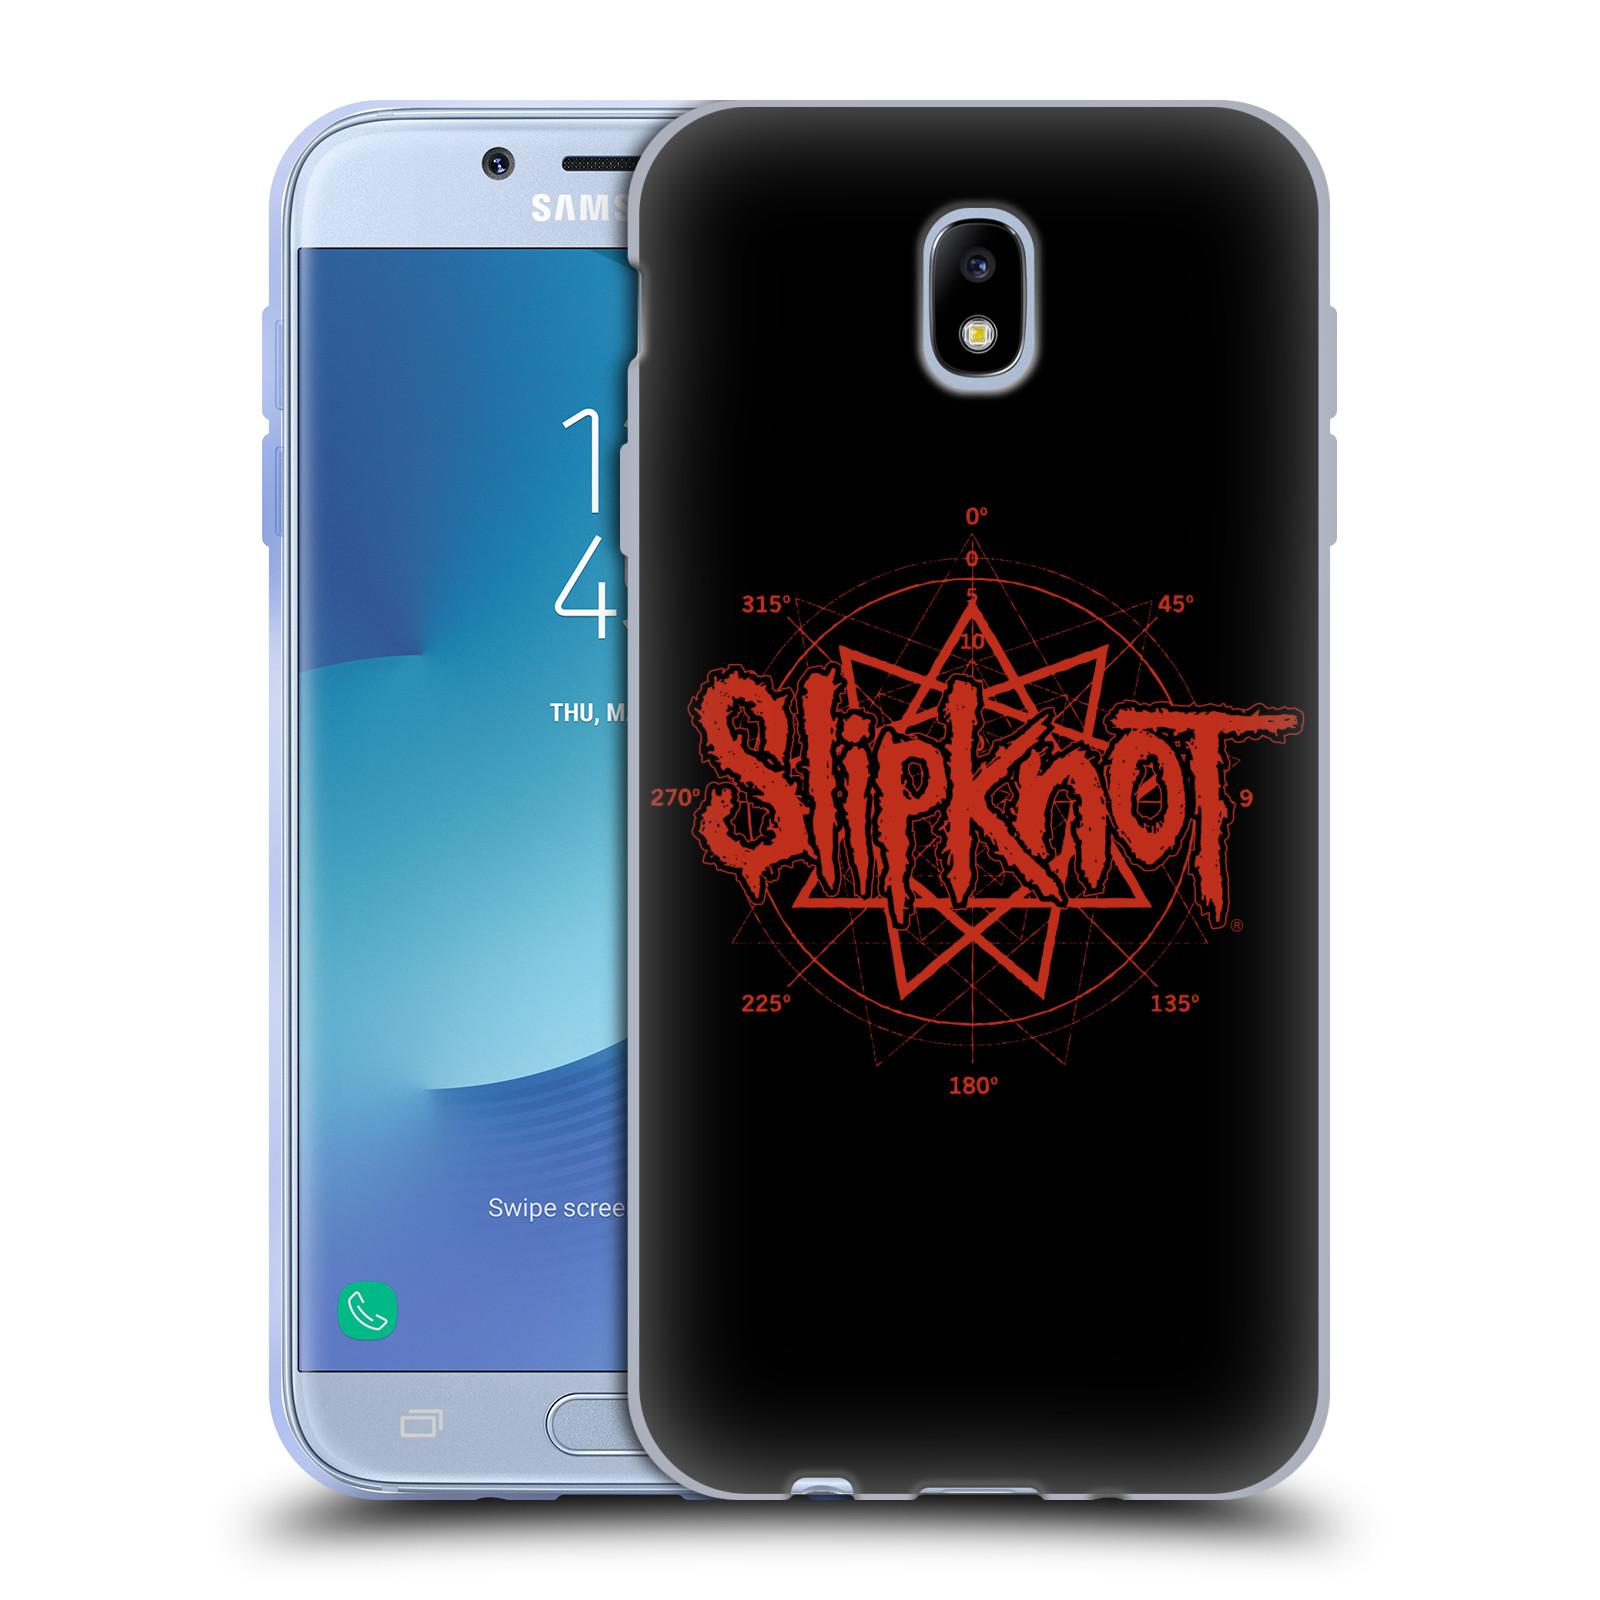 HEAD CASE silikonový obal na mobil Samsung Galaxy J7 2017 hudební skupina Slipknot logo